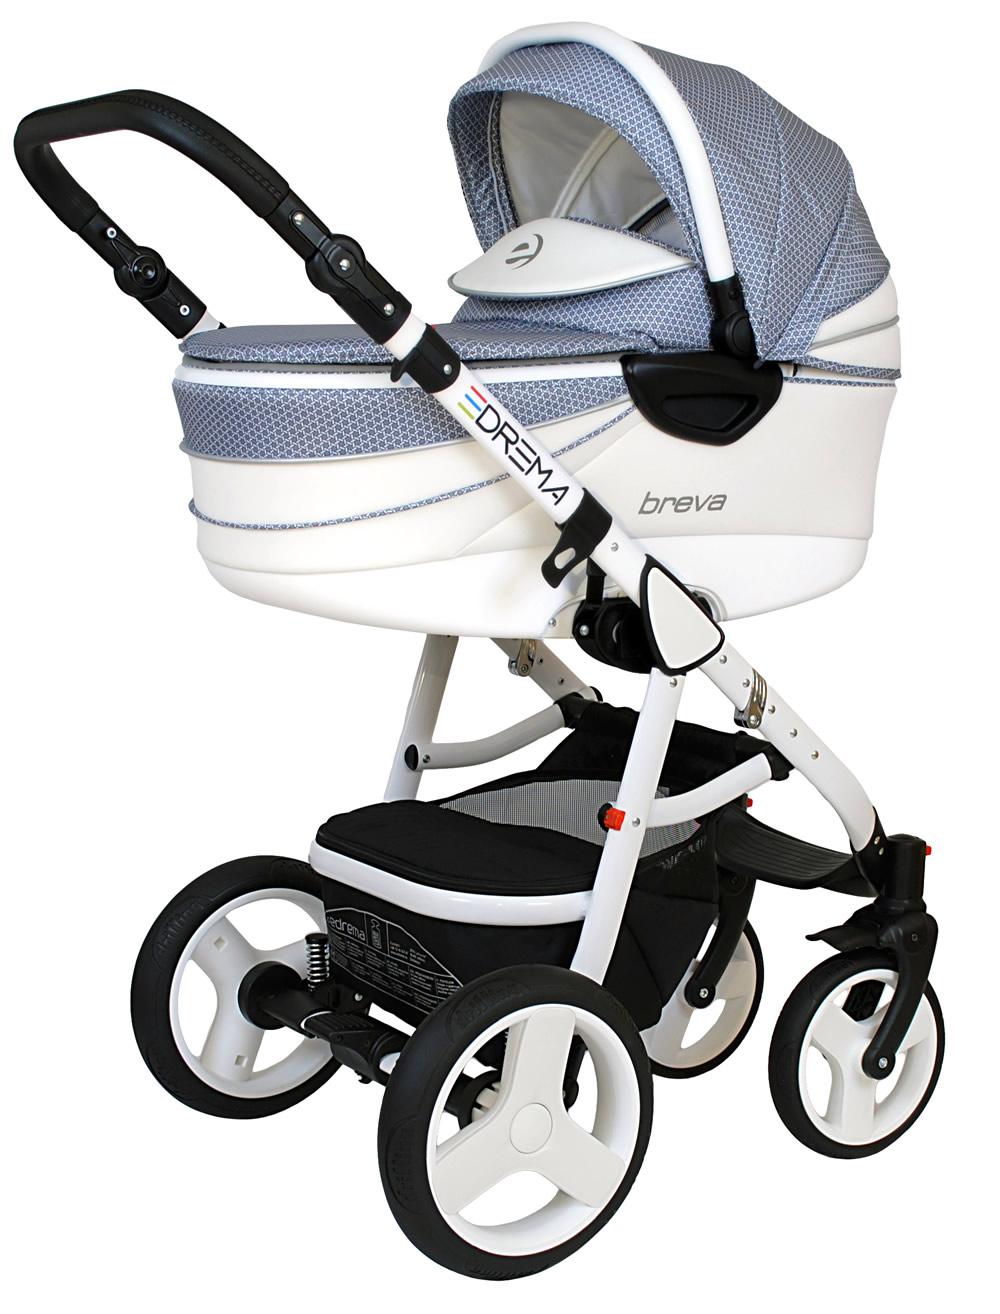 Breva Premium Kombi-Kinderwagen 3 in 1 mit Babyschale / BP3